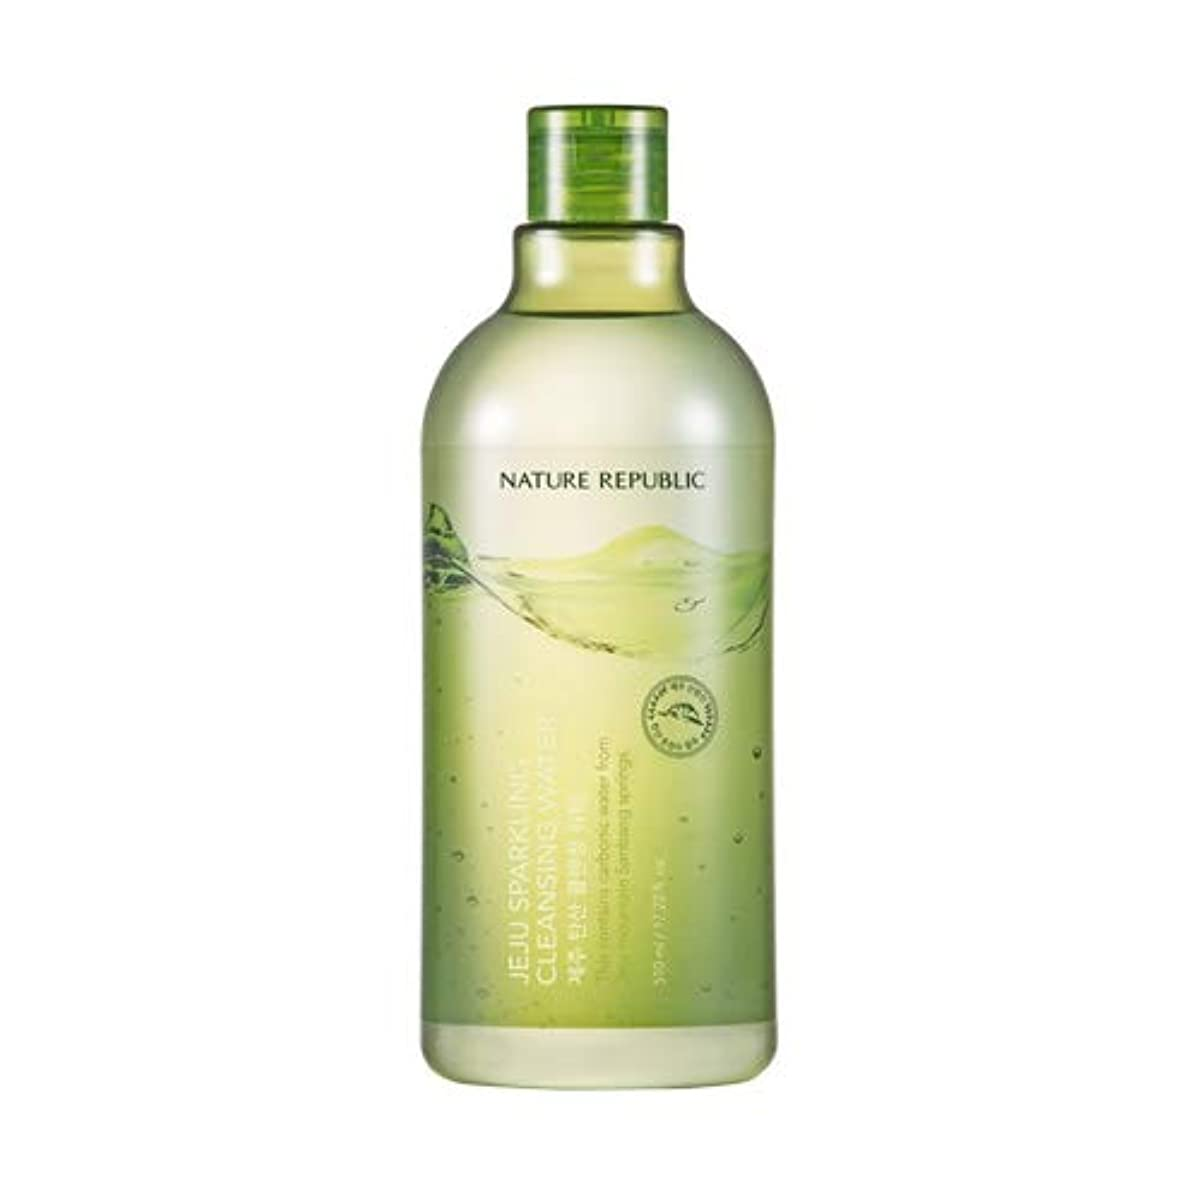 スツール補助家事Nature republic Jeju Sparkling(Carbonic) Cleansing Water ネイチャーリパブリック済州炭酸クレンジングウォーター 510ml [並行輸入品]